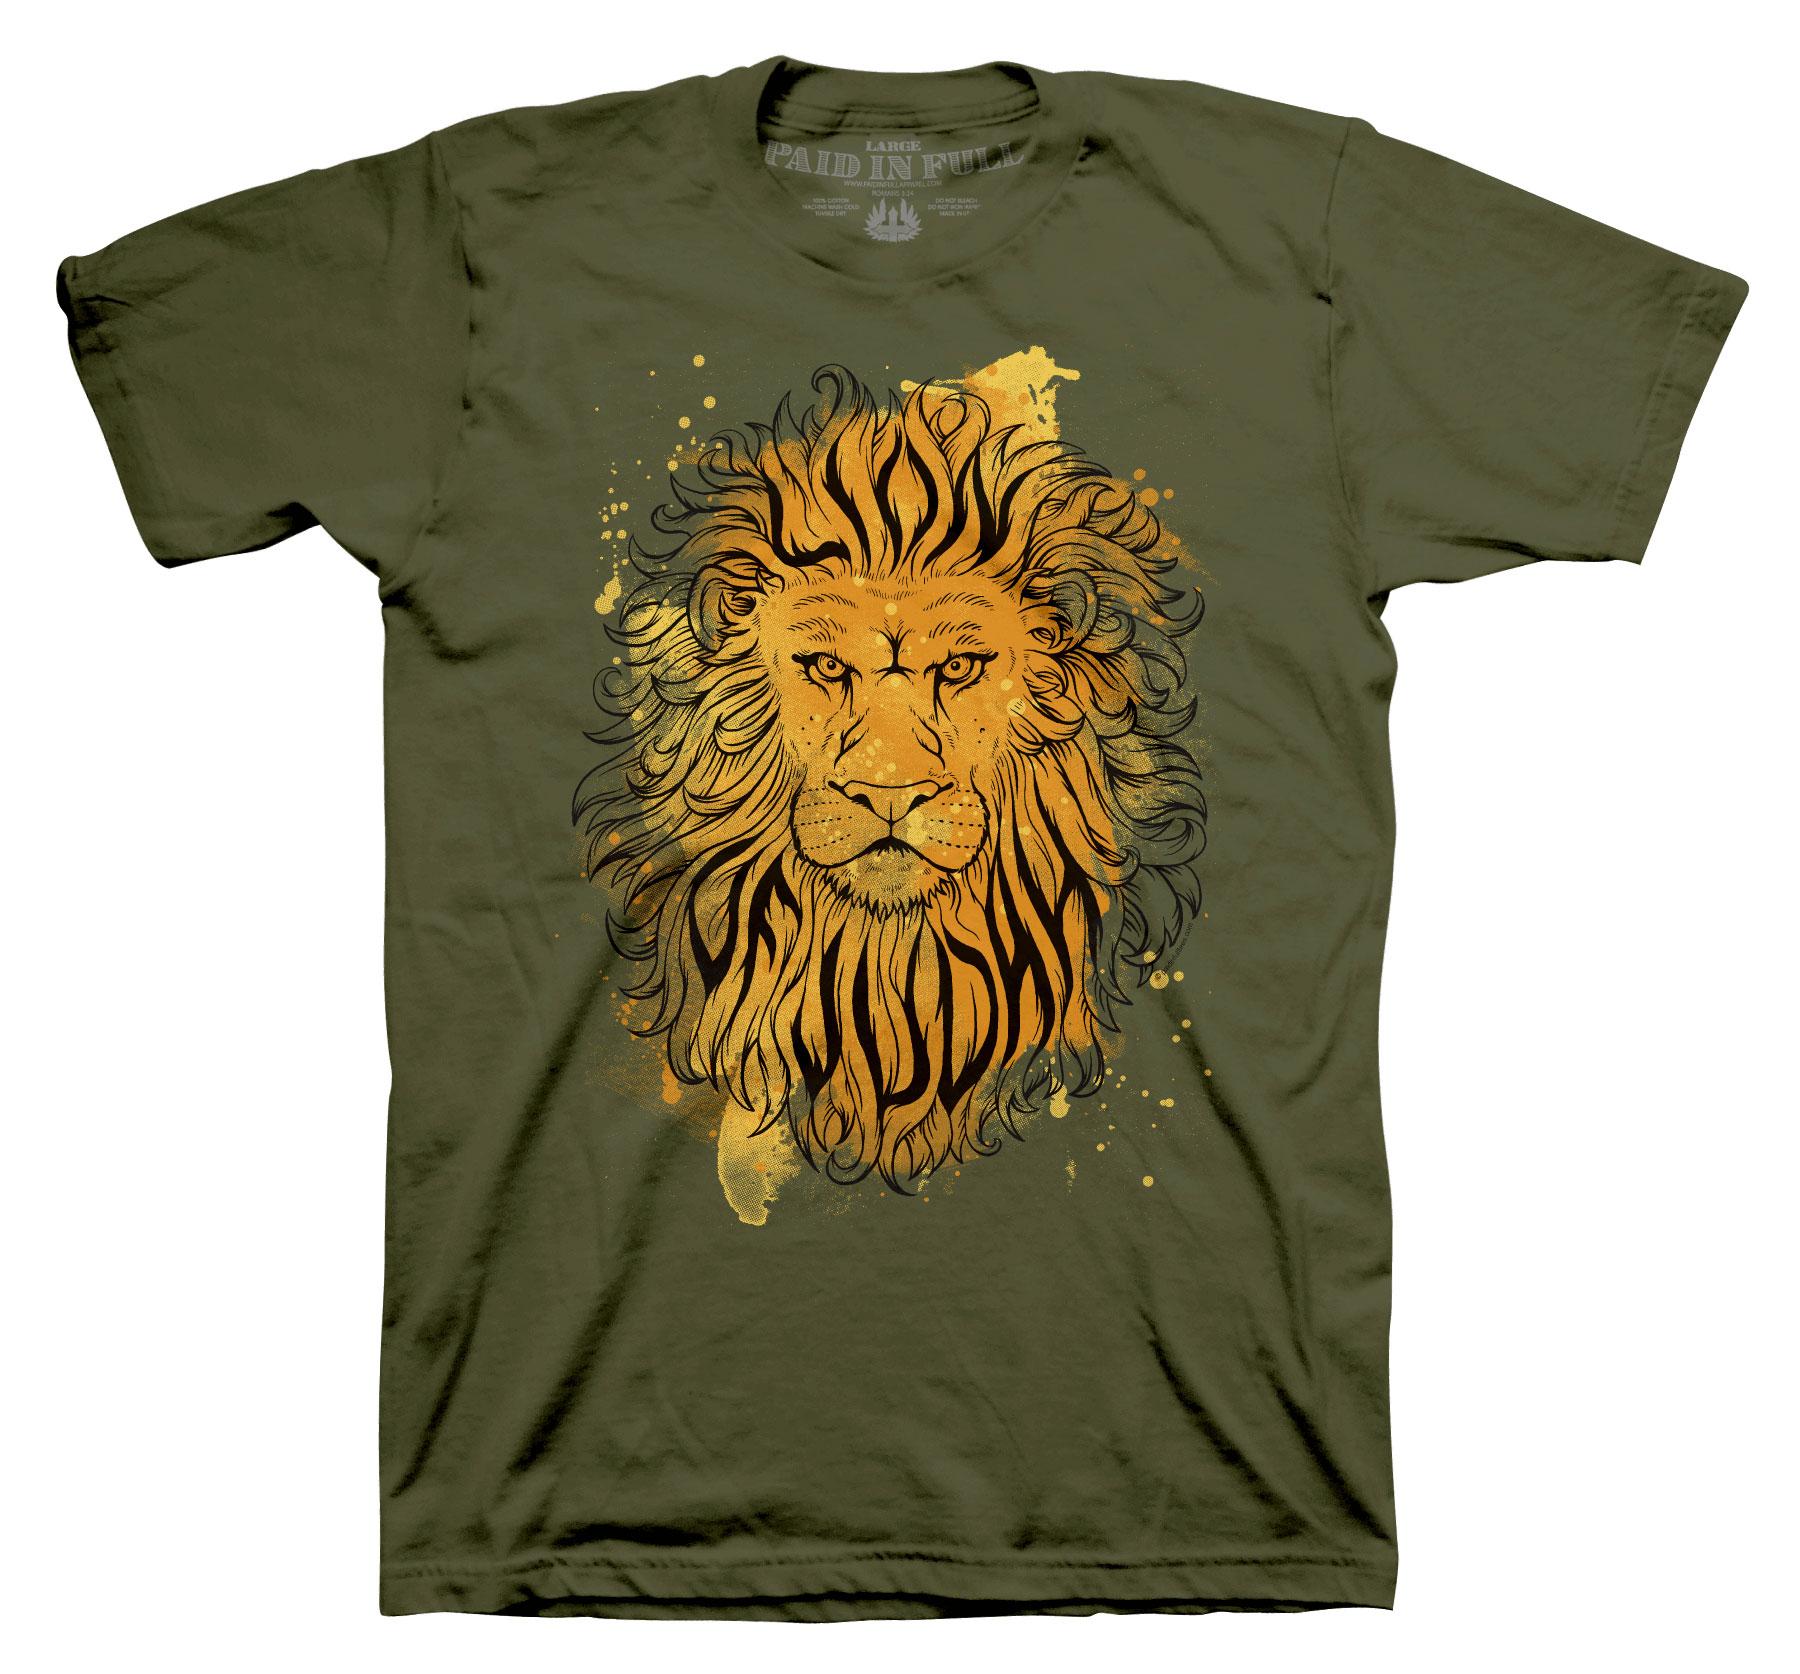 16c3e78868e Lion of judah body military original